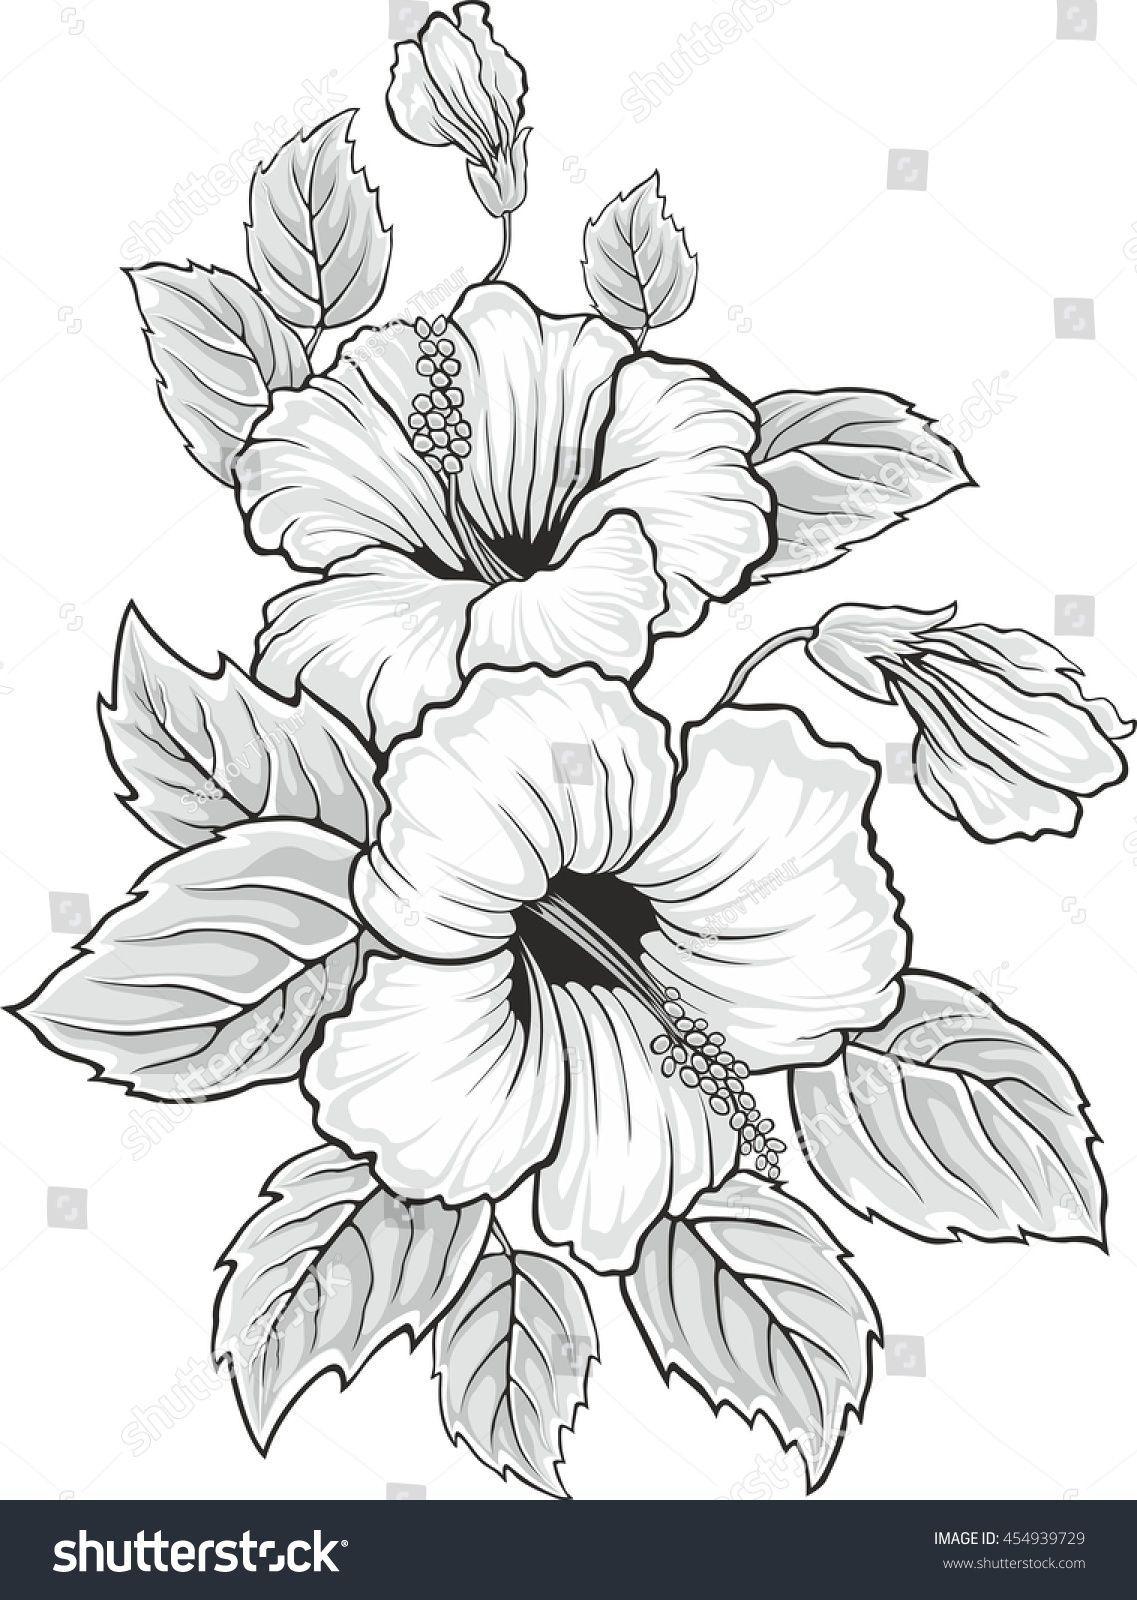 Blooming Beautiful Hibiscus Flower Hawaii Symbol Card Or Floral Background For Invitation Colo Fiori Disegnati Da Colorare Disegno Fiori Disegni Da Colorare